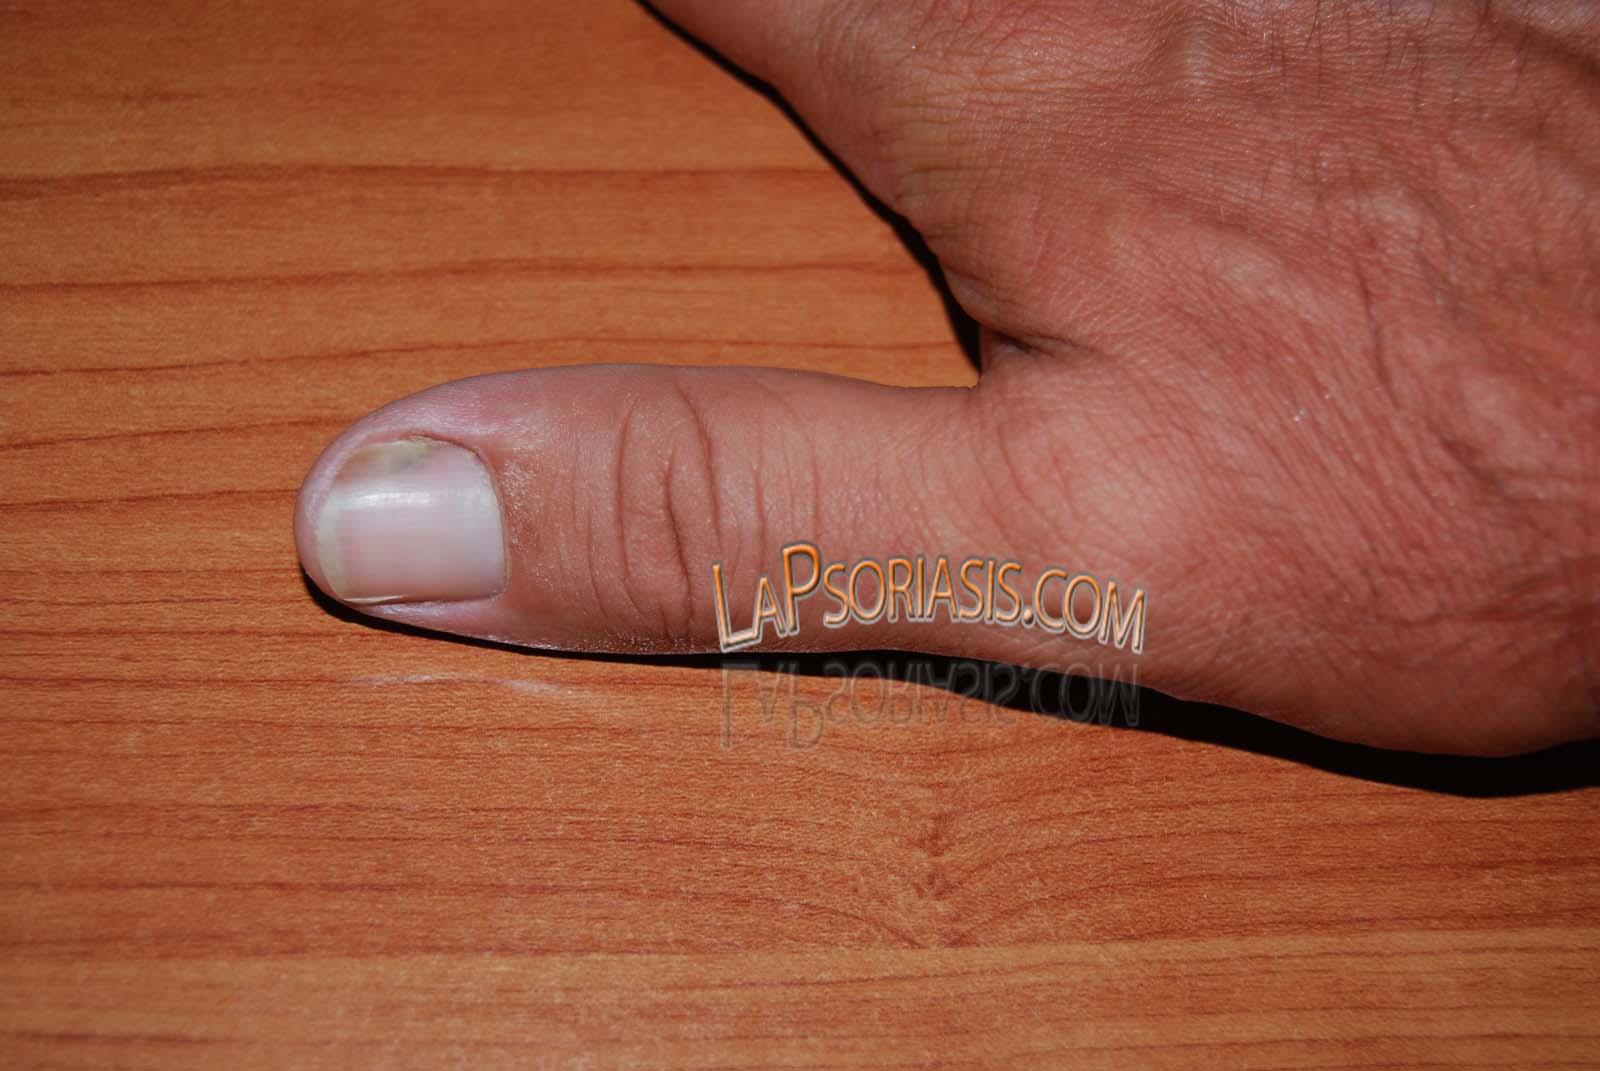 Atopichesky la dermatitis sobre la rodilla de la foto